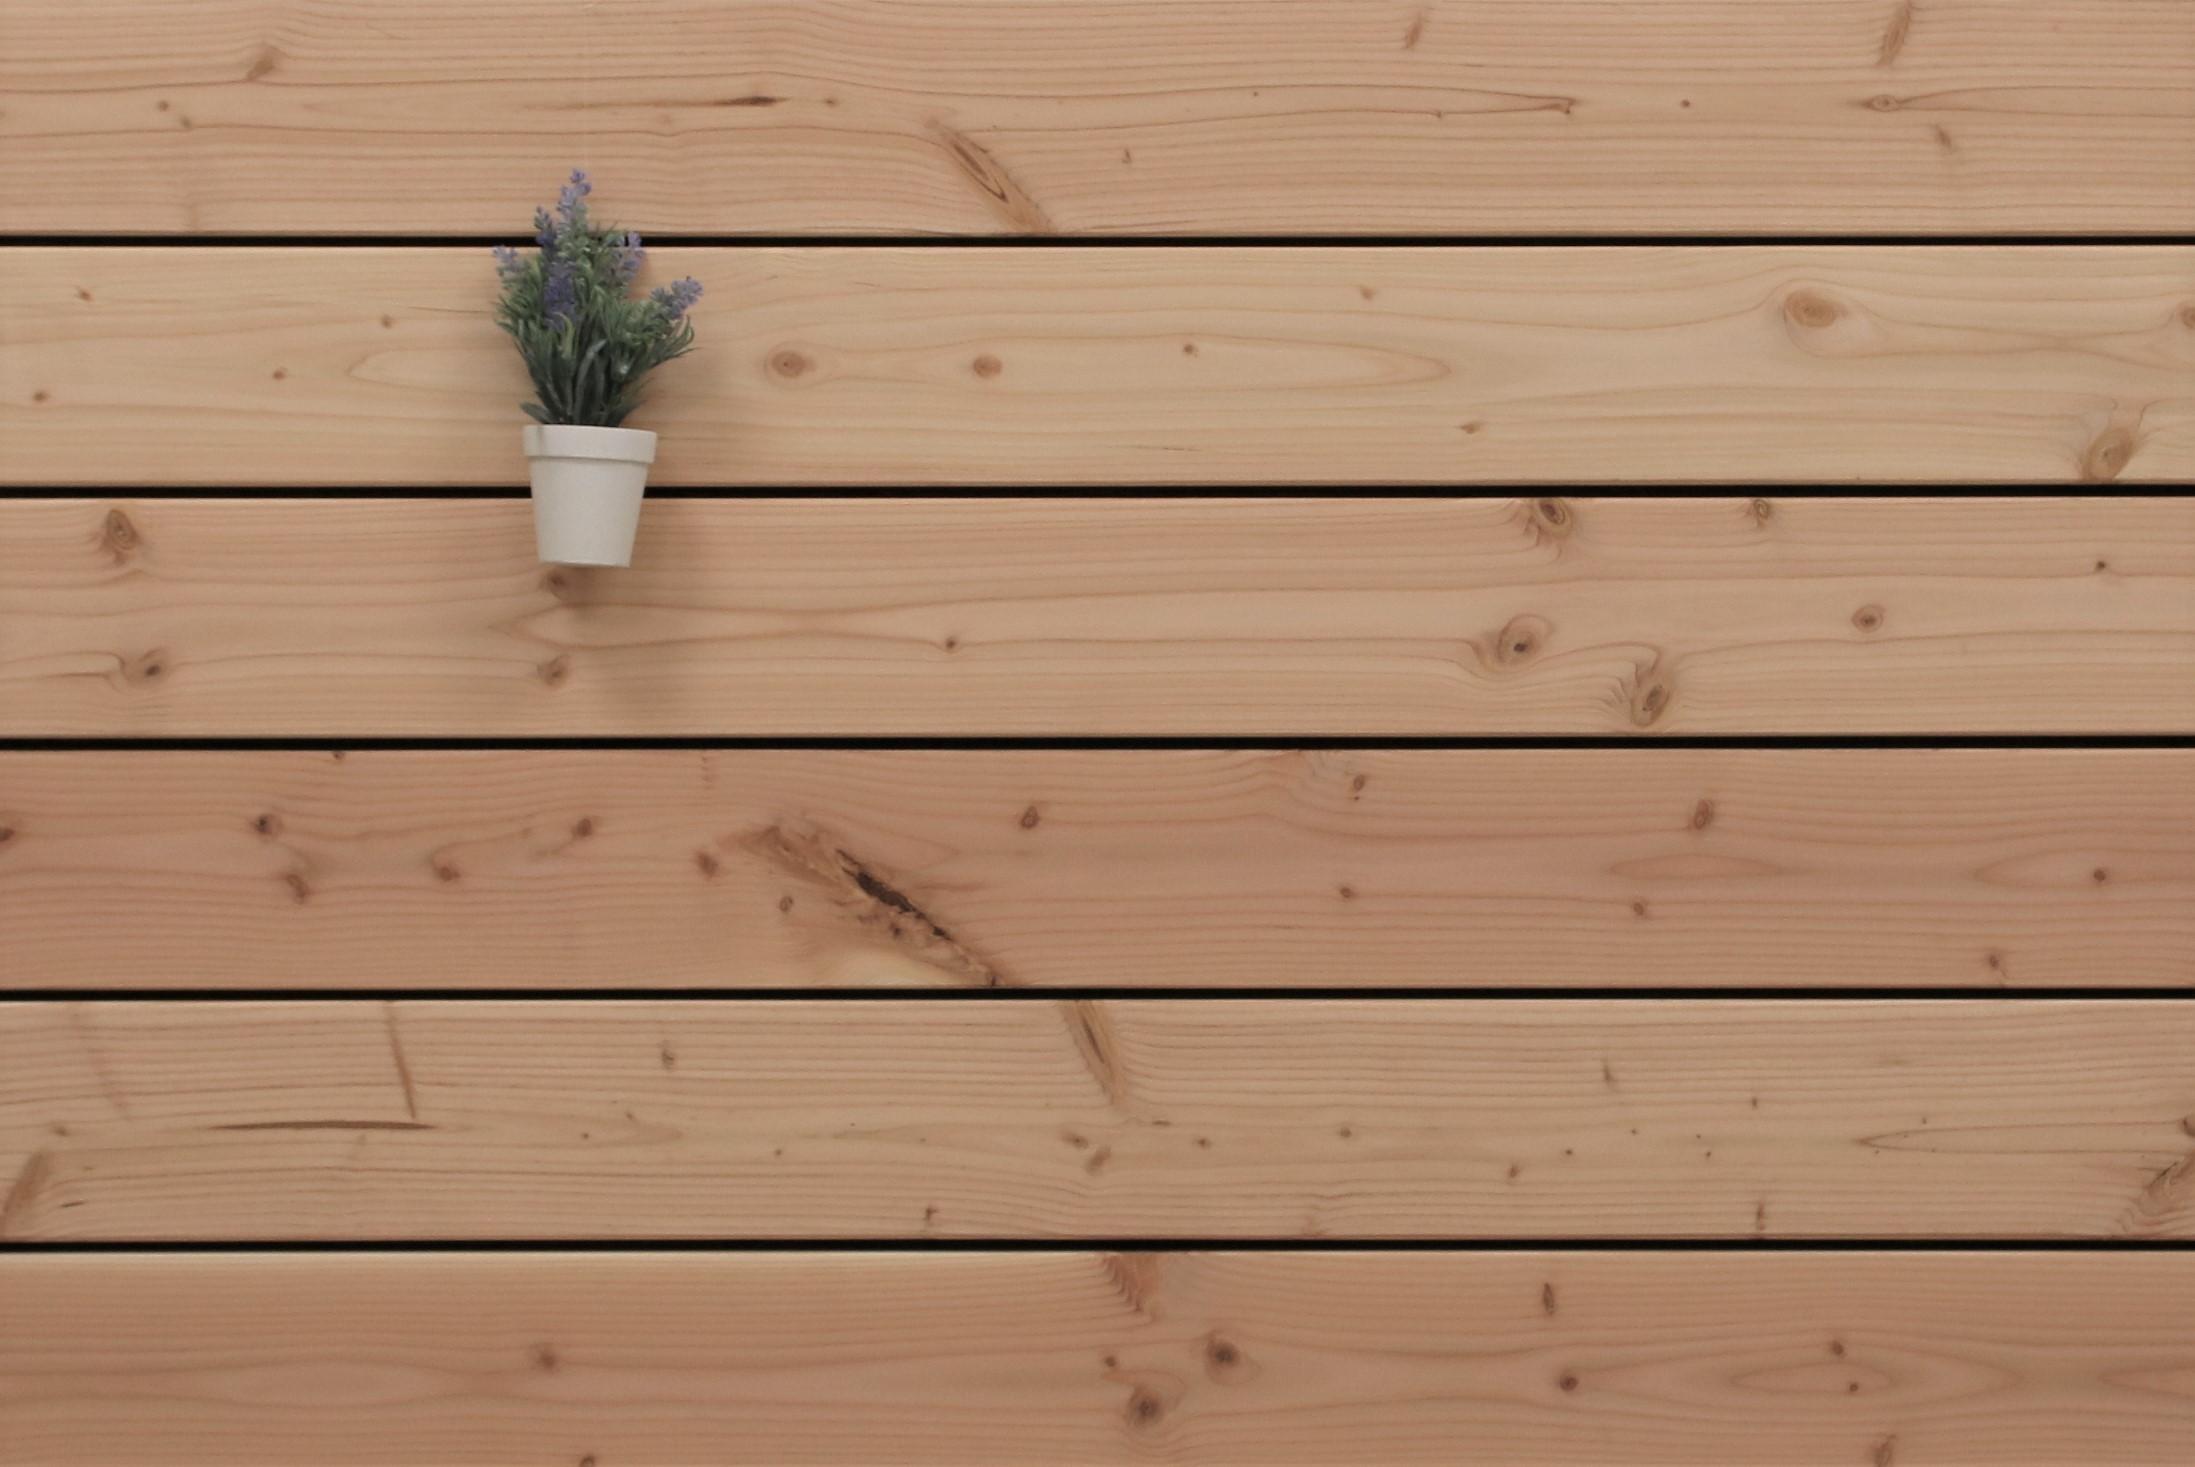 Angebot des Monats, Holzterrasse Douglasie, glatt, 26 x 145 bis 5000 mm Dielen, Holz Bretter für die Terrasse, 5,90 €/lfm